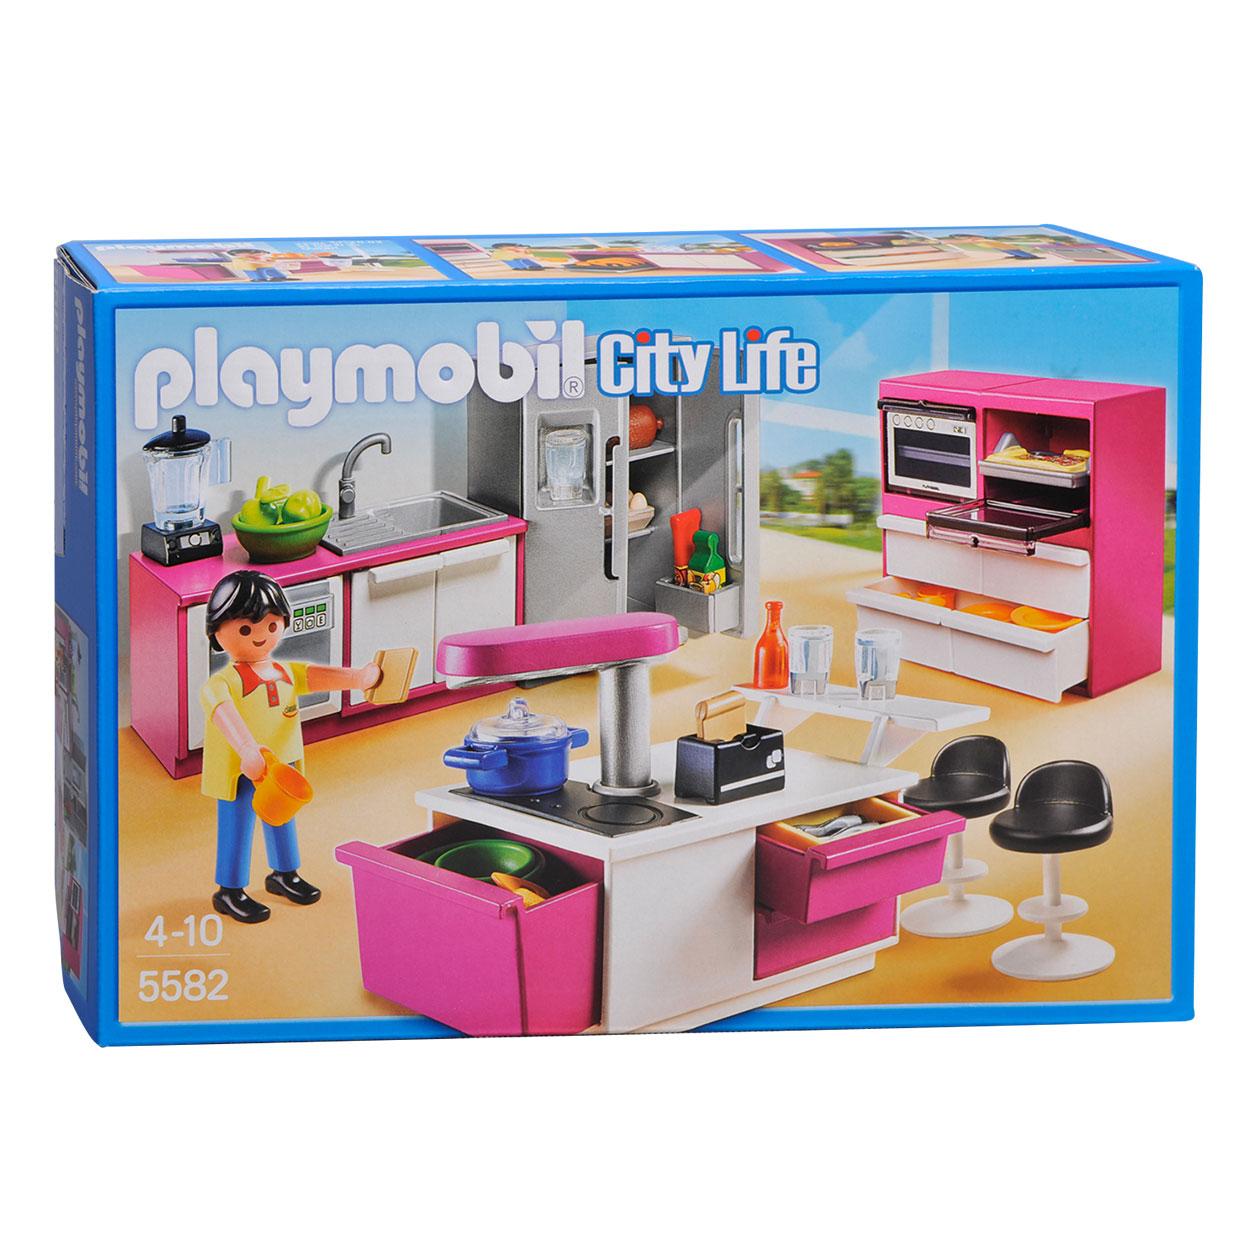 Keuken Kookeiland Kopen : Playmobil 5582 Keuken met kookeiland online kopen Lobbes.nl